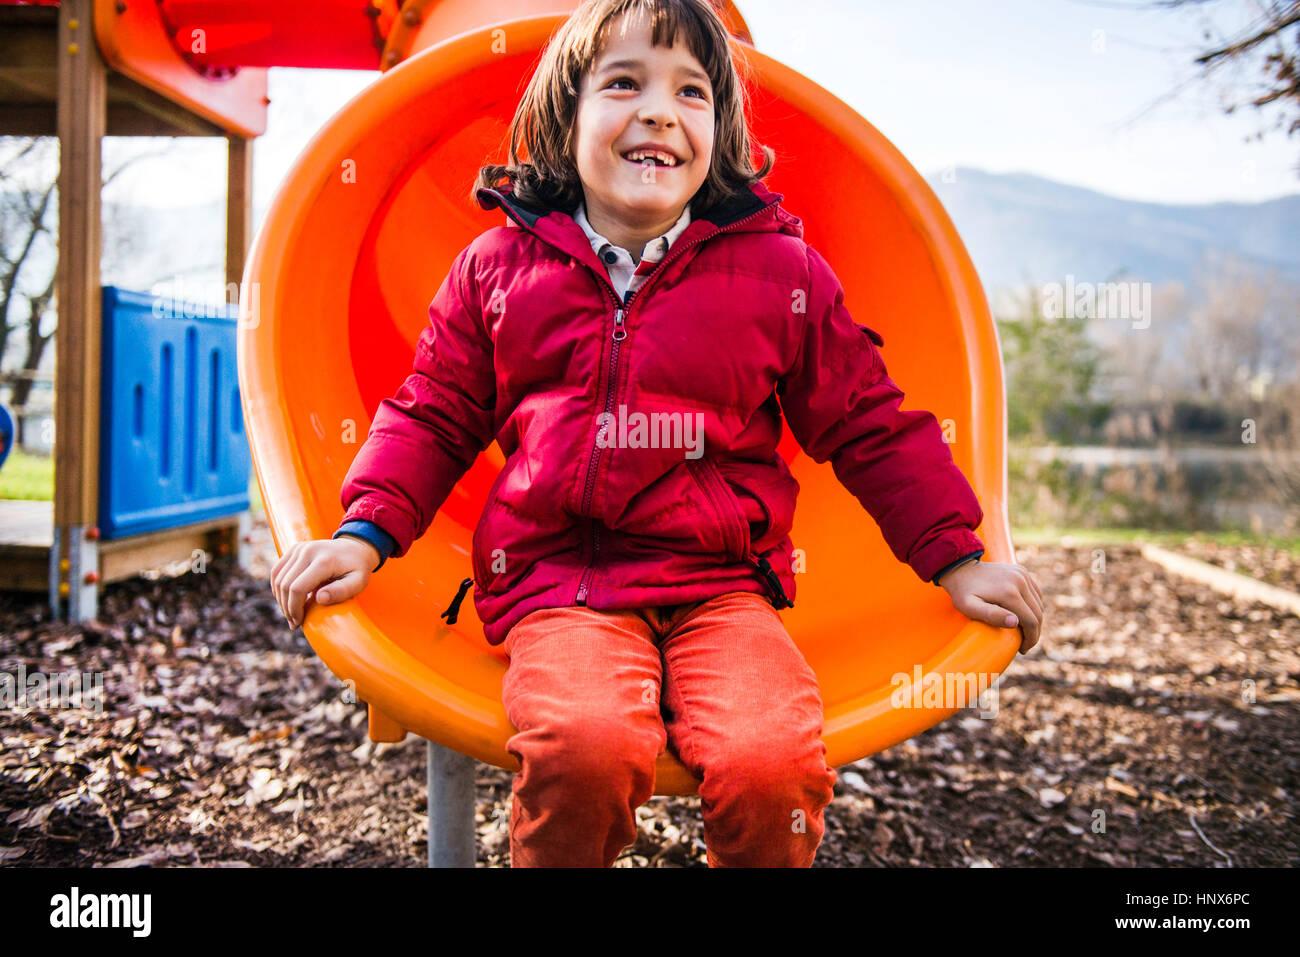 Ragazzo seduto sul parco giochi di colore arancione slitta Immagini Stock